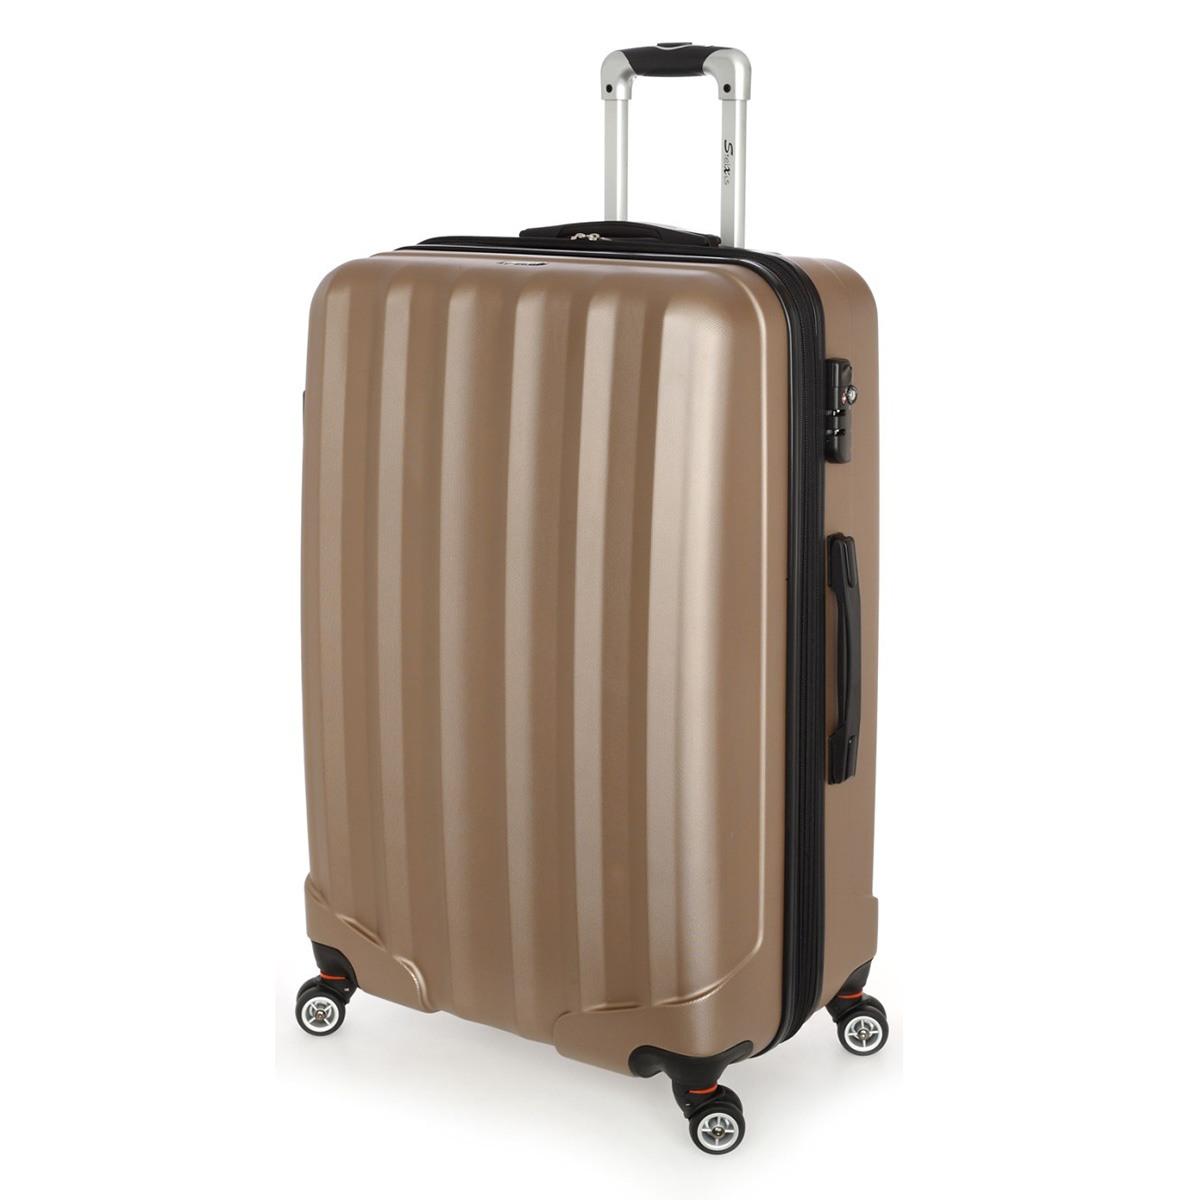 Βαλίτσα Μεγάλη Stelxis ST505 Σκληρή Χρυσή